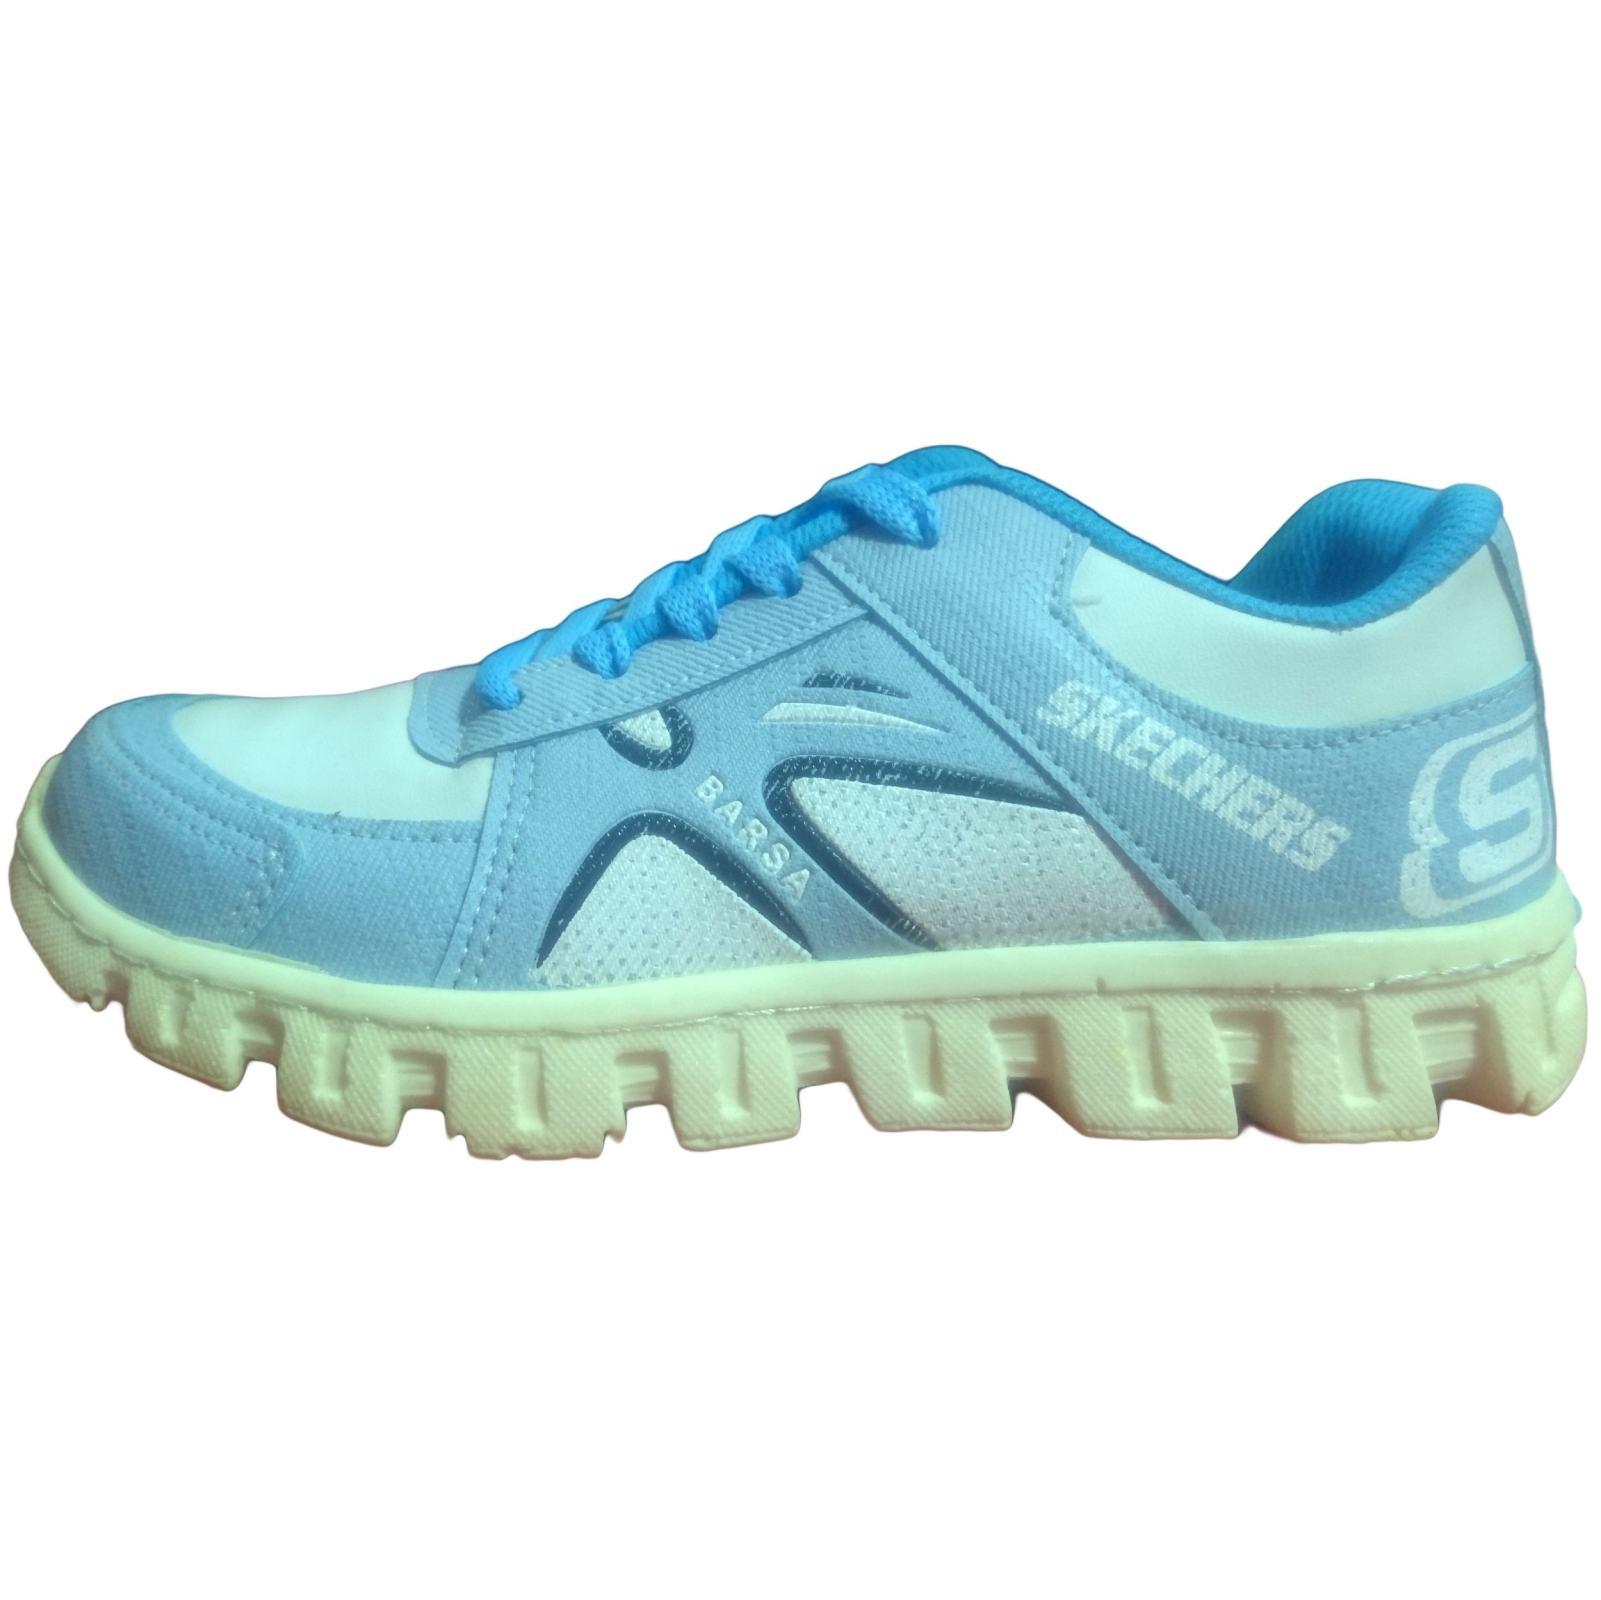 کفش مخصوص دویدن زنانه طرح اسکچرز مدل go walk blue